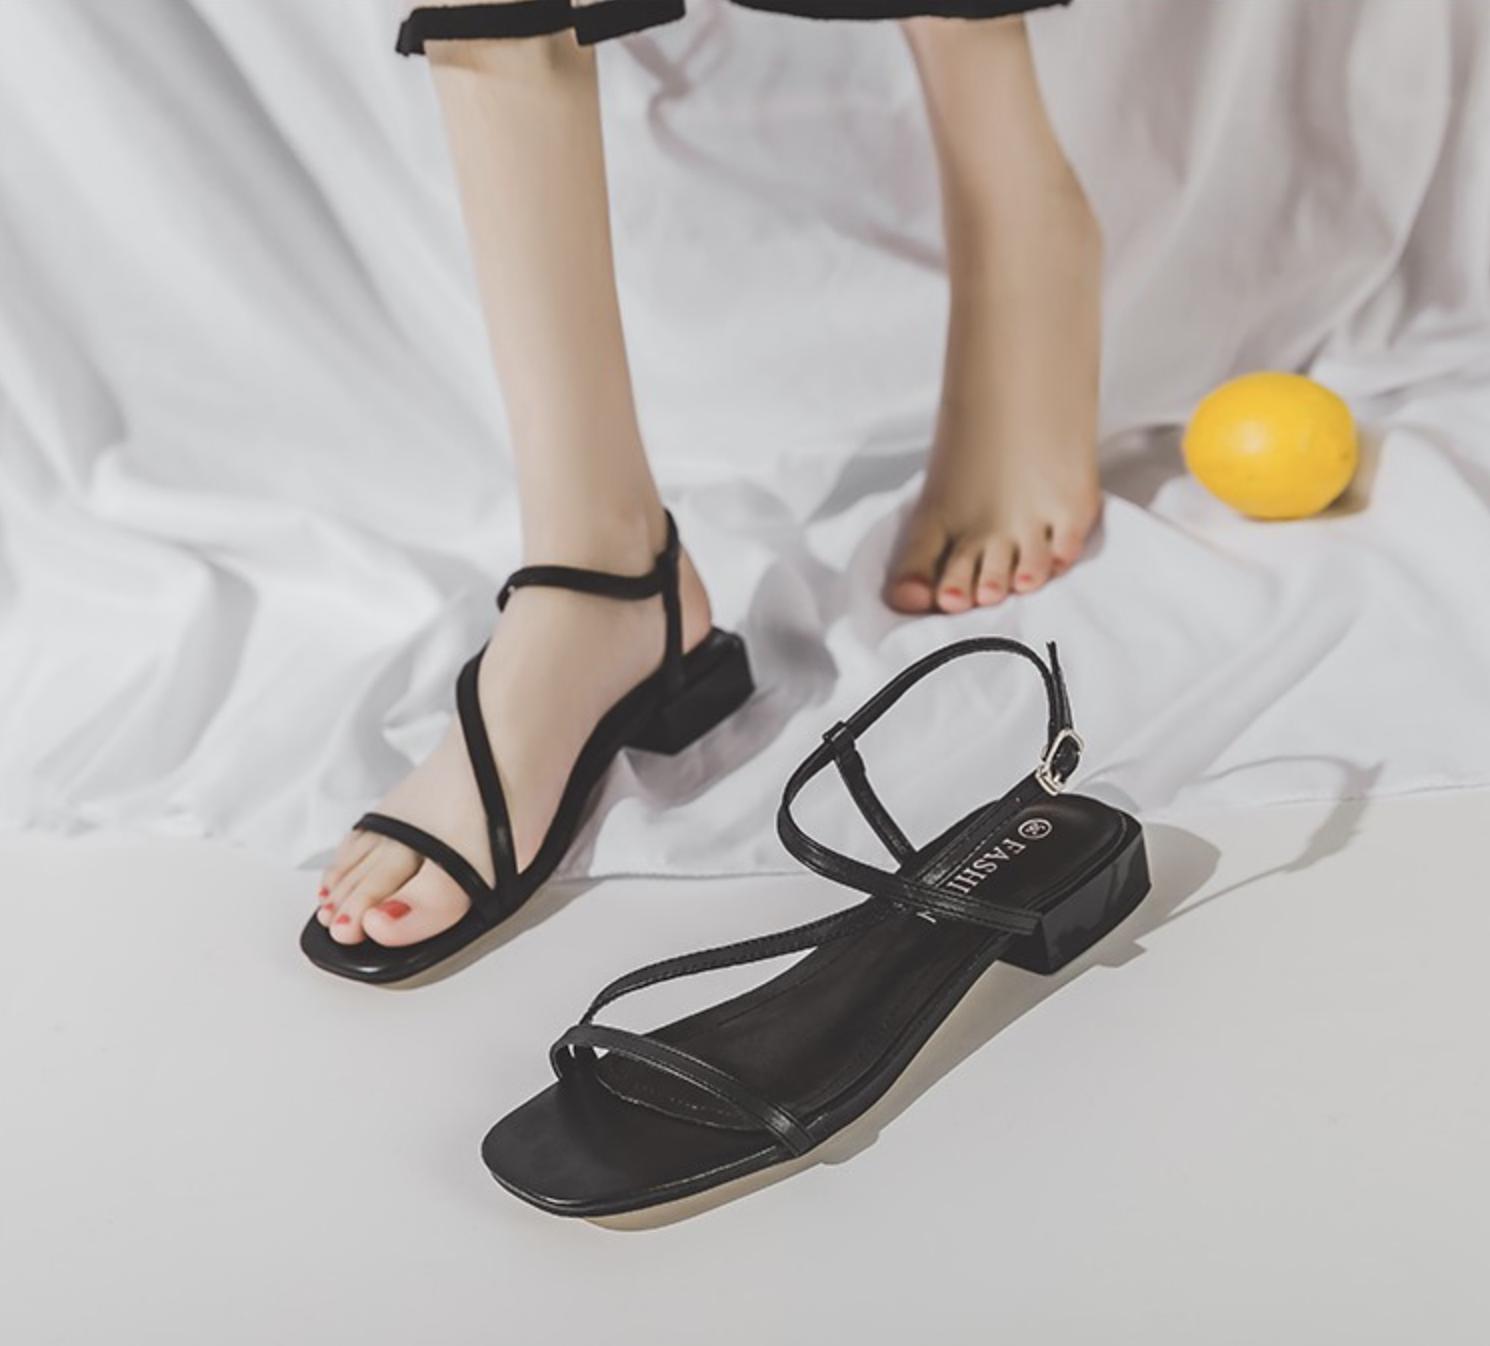 Hà Trúc khoe đôi sandals bệt cực xinh và êm chân, nhiều chị em xem xong sẽ muốn mua theo ngay - Ảnh 4.